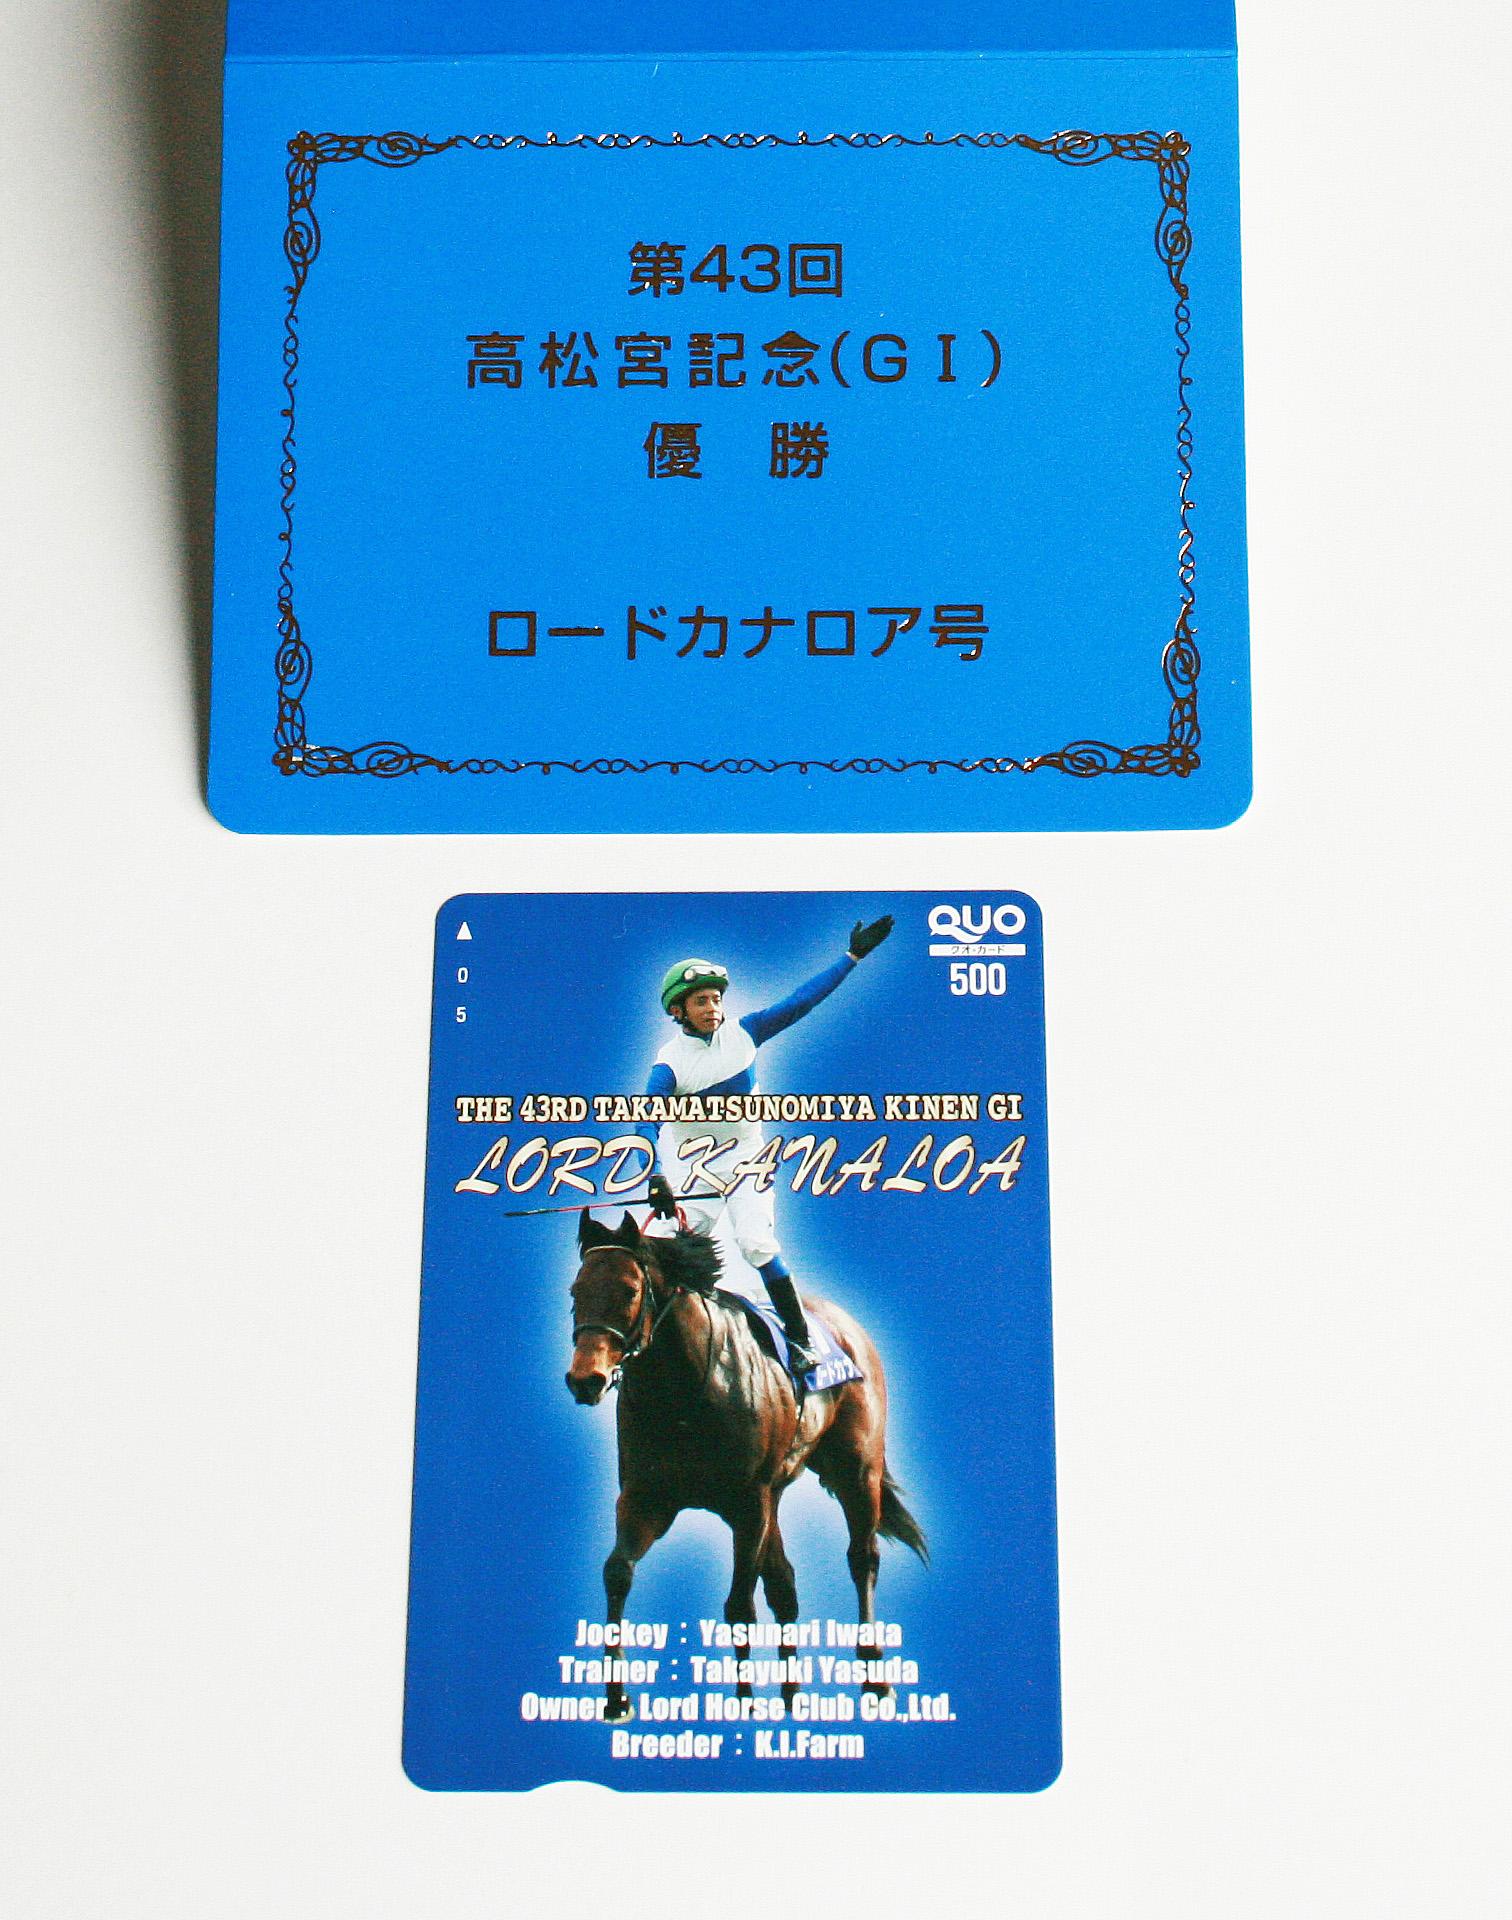 ロードカナロア 高松宮記念QUOカード